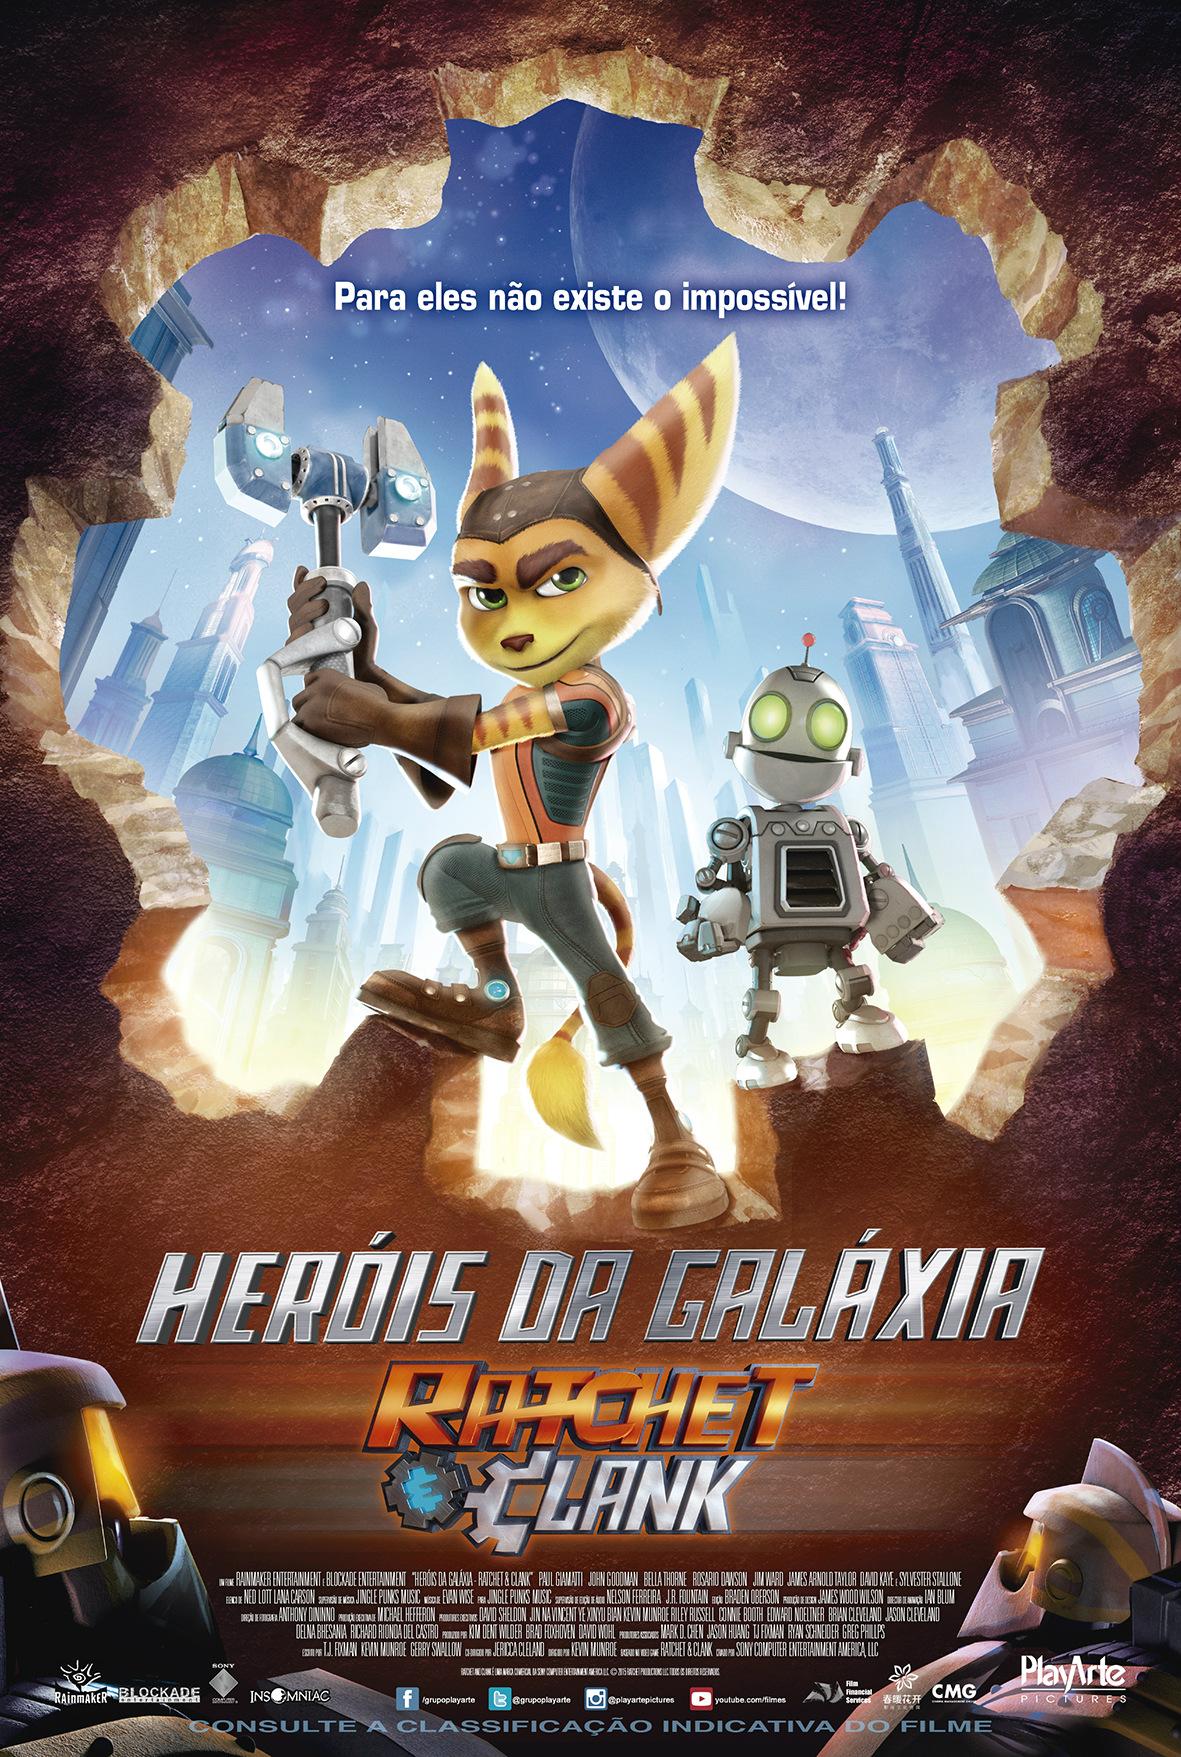 Heróis da Galáxia: Ratchet e Clank - Filme 2016 - AdoroCinema